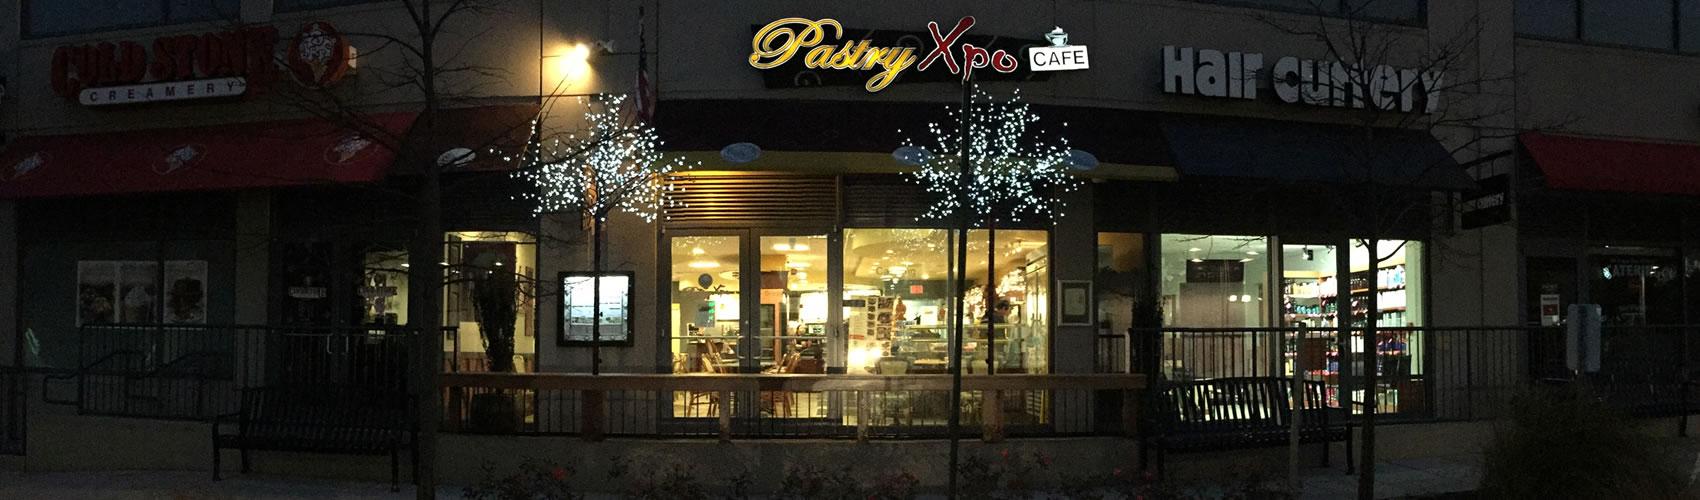 PastryXpo